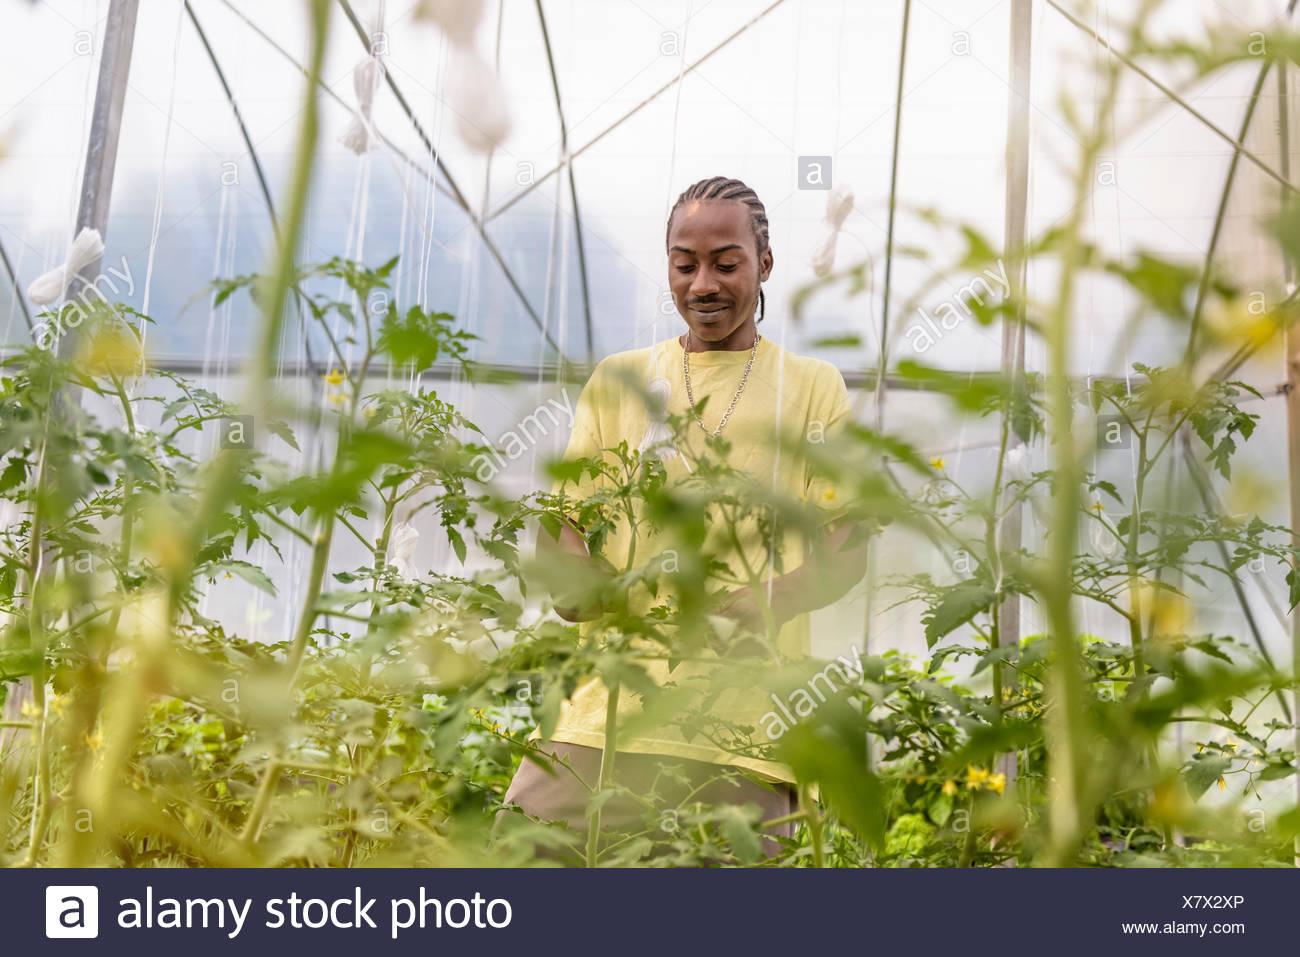 Arbeiter Seitentriebe entfernen Tomaten Pflanzen in Hydrokultur Bauernhof in Nevis, West Indies Stockbild